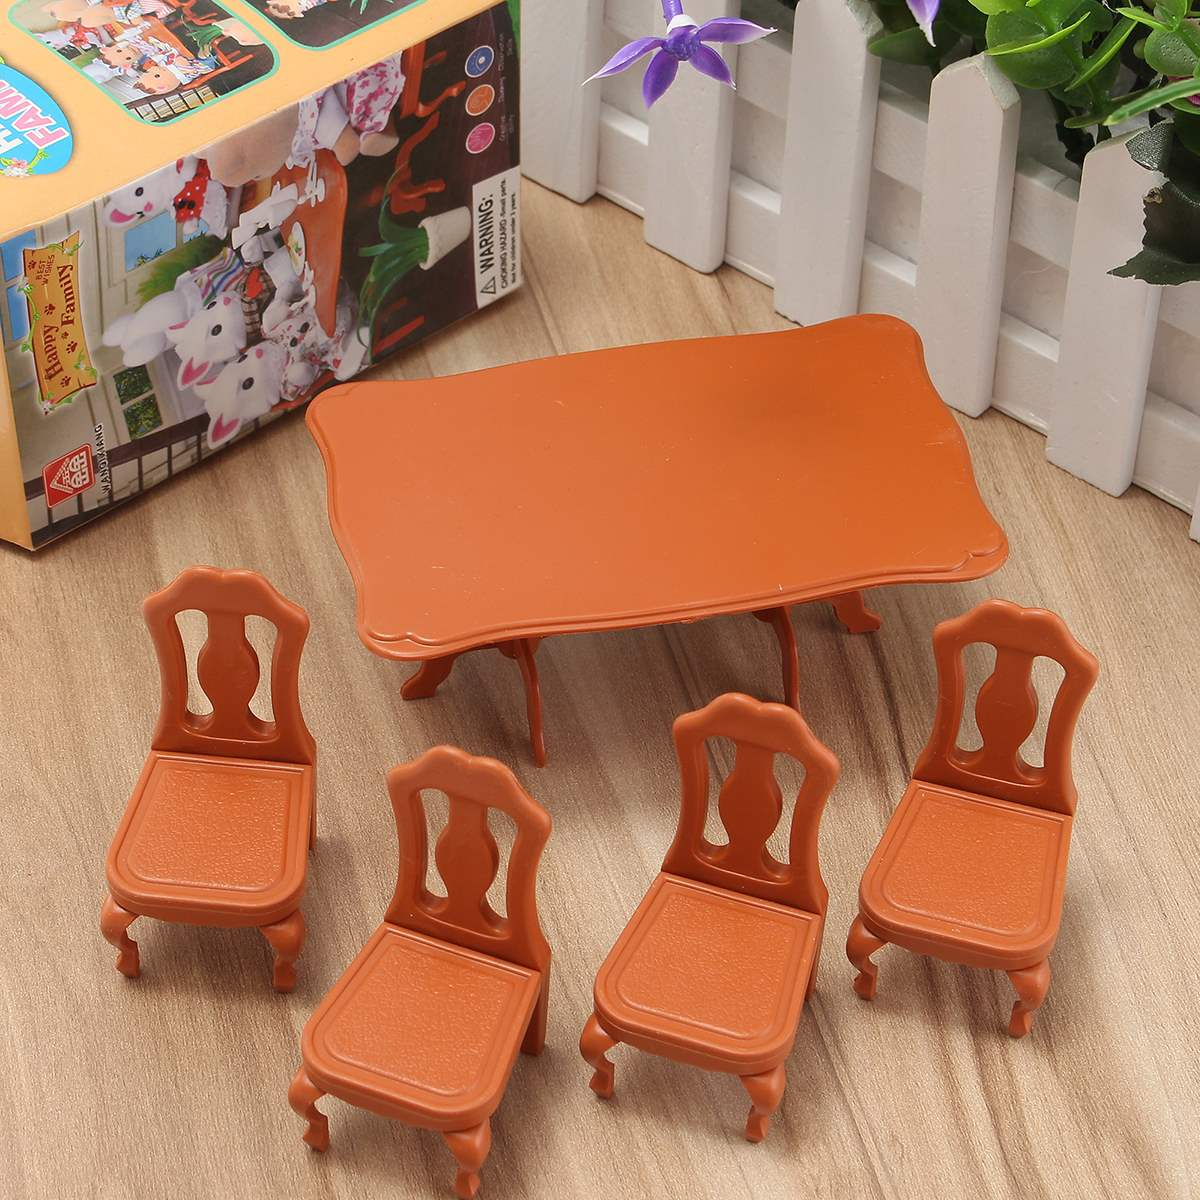 Mooie Eettafel Set.Us 3 99 Diy Mooie Mini Meubels Poppen Huis Miniatuur Eettafel Stoel Set Kinderen Kids Gift Speelgoed Poppen Huis Accessoires Kits In Diy Mooie Mini